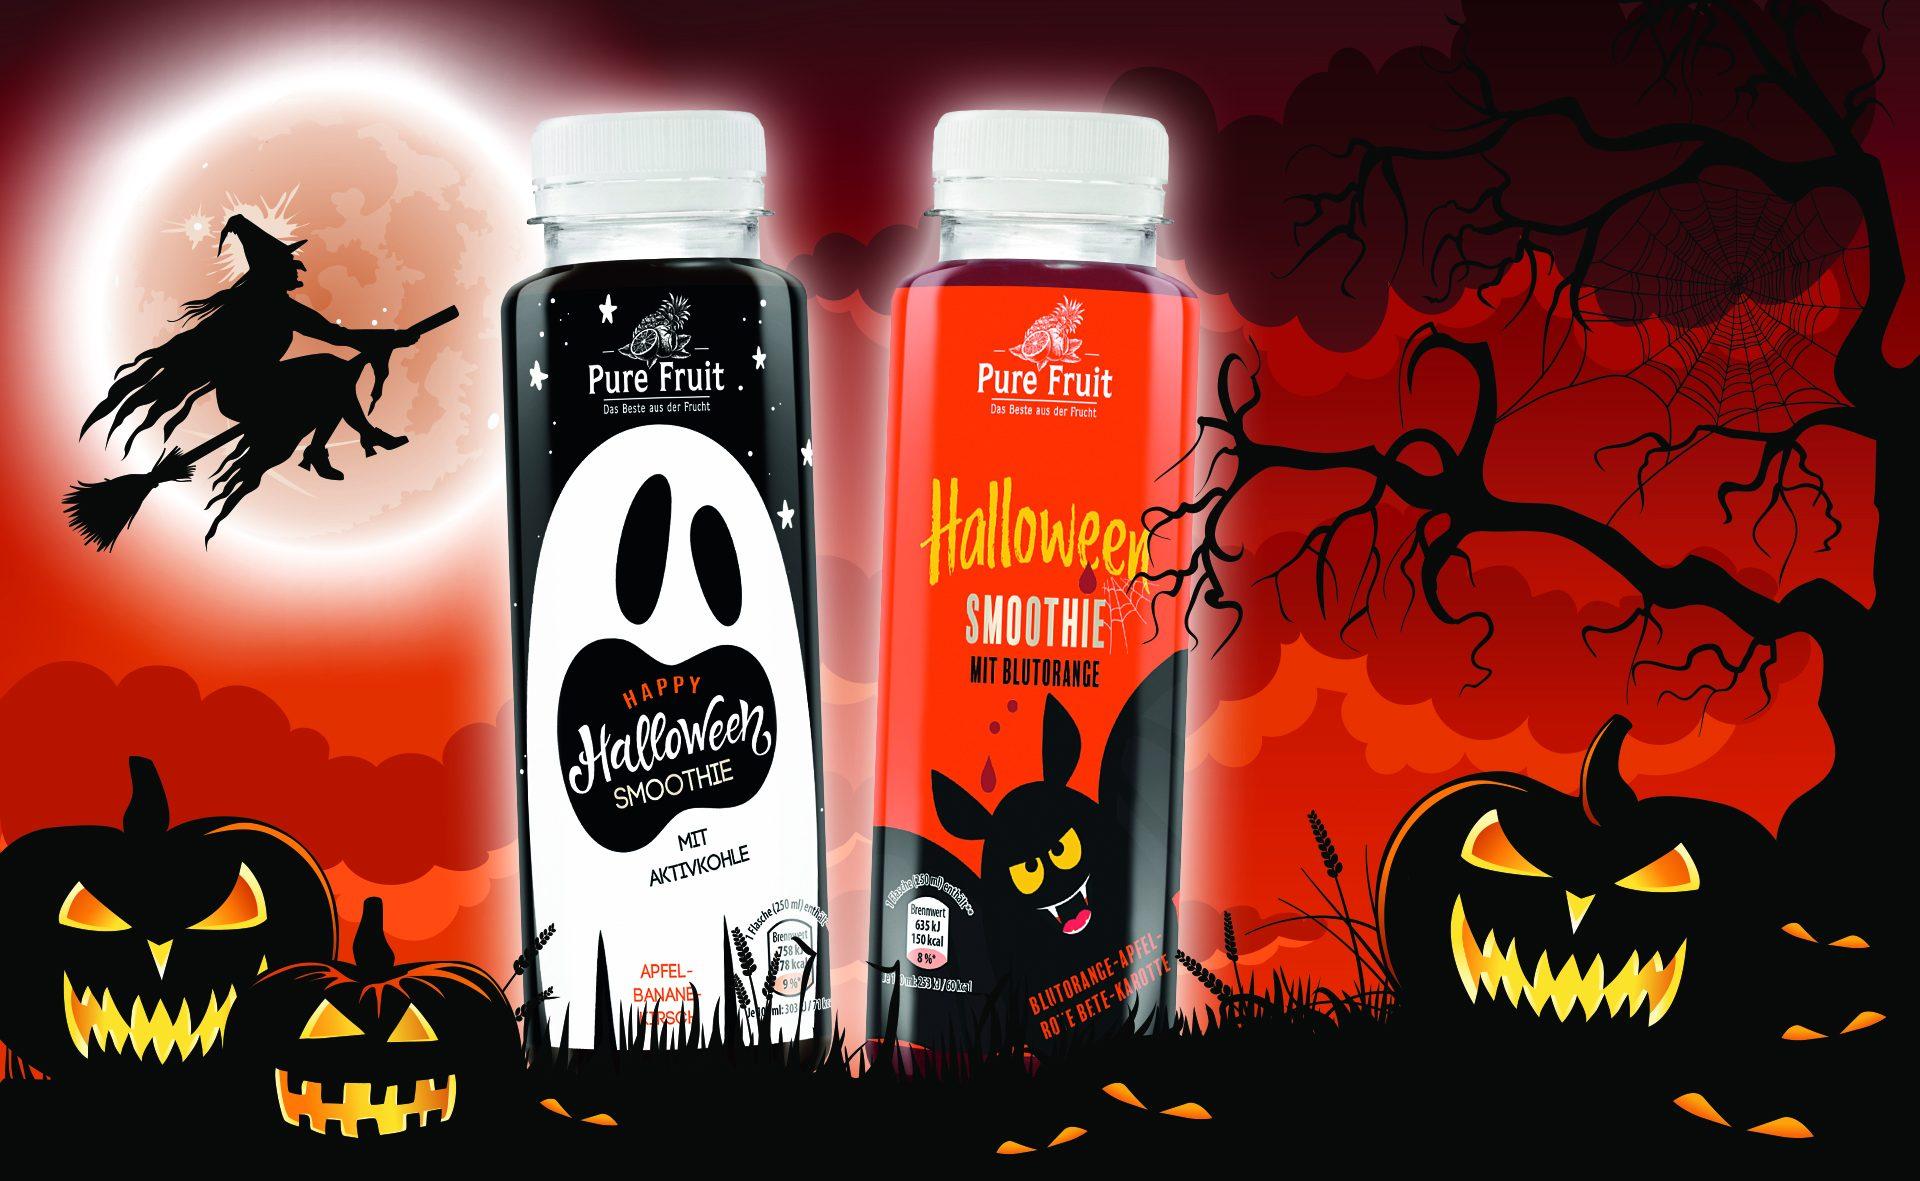 Verpackungsdesign Malvega - Referenz: Halloween Smoothie, Aldi Nord